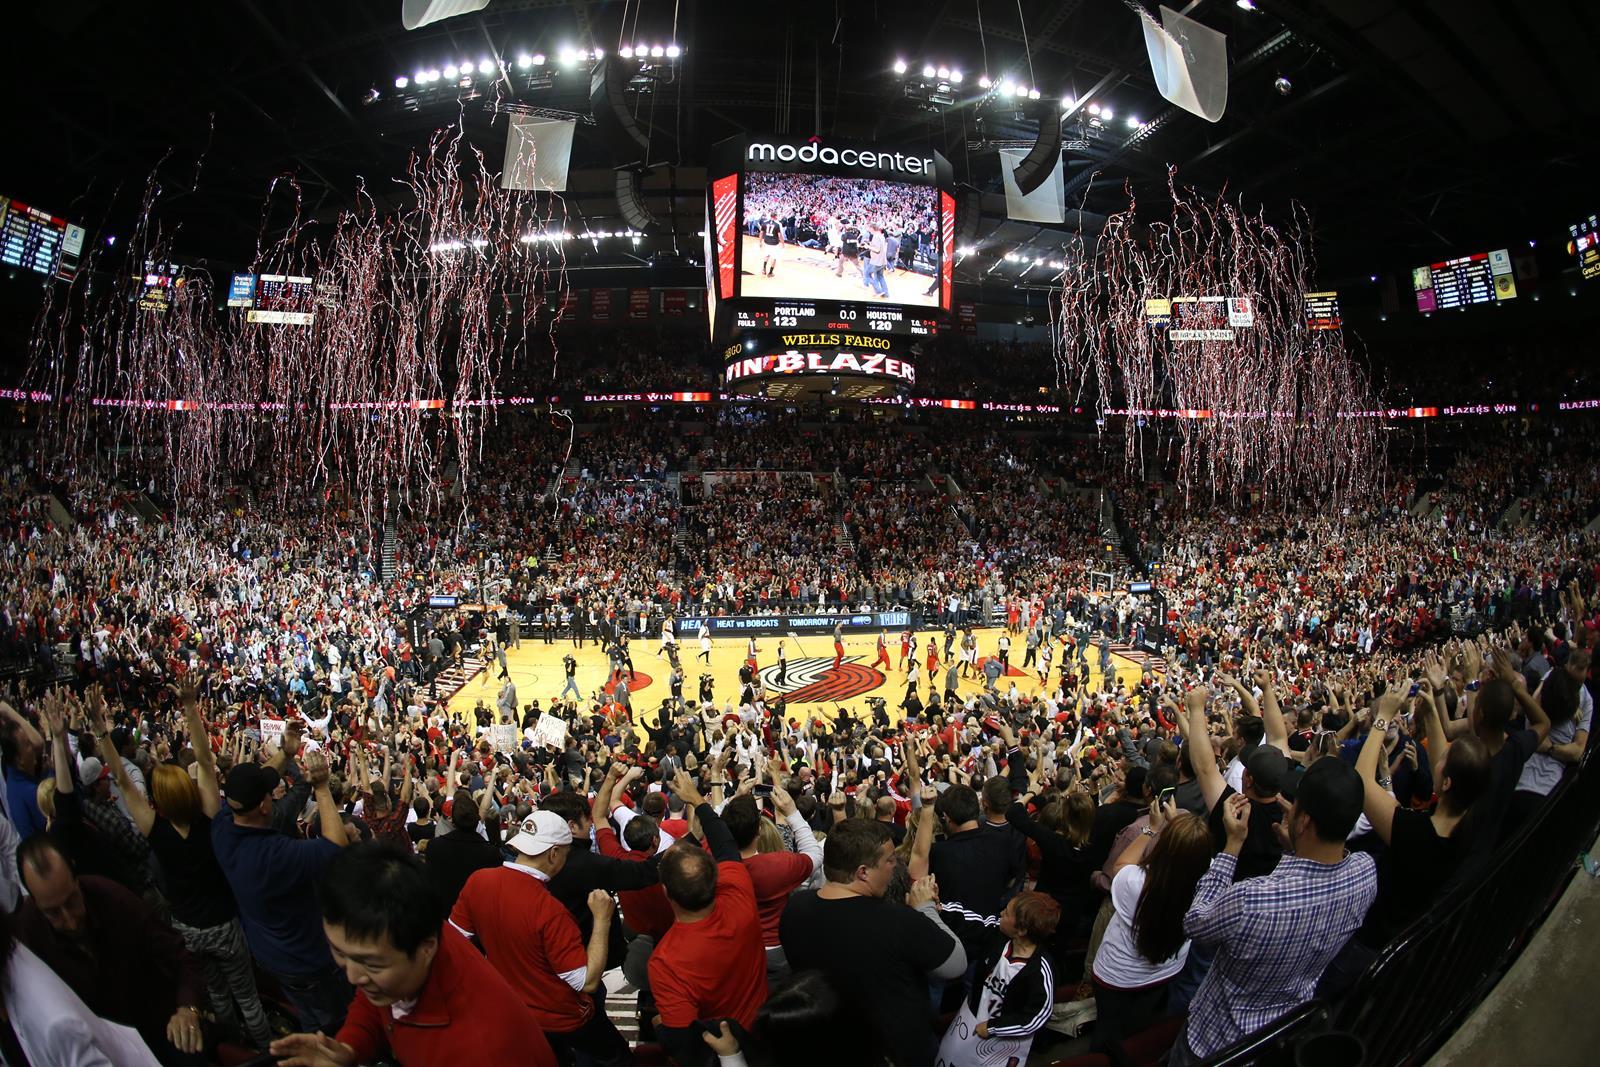 Moda Center_Blazers Game_NBA